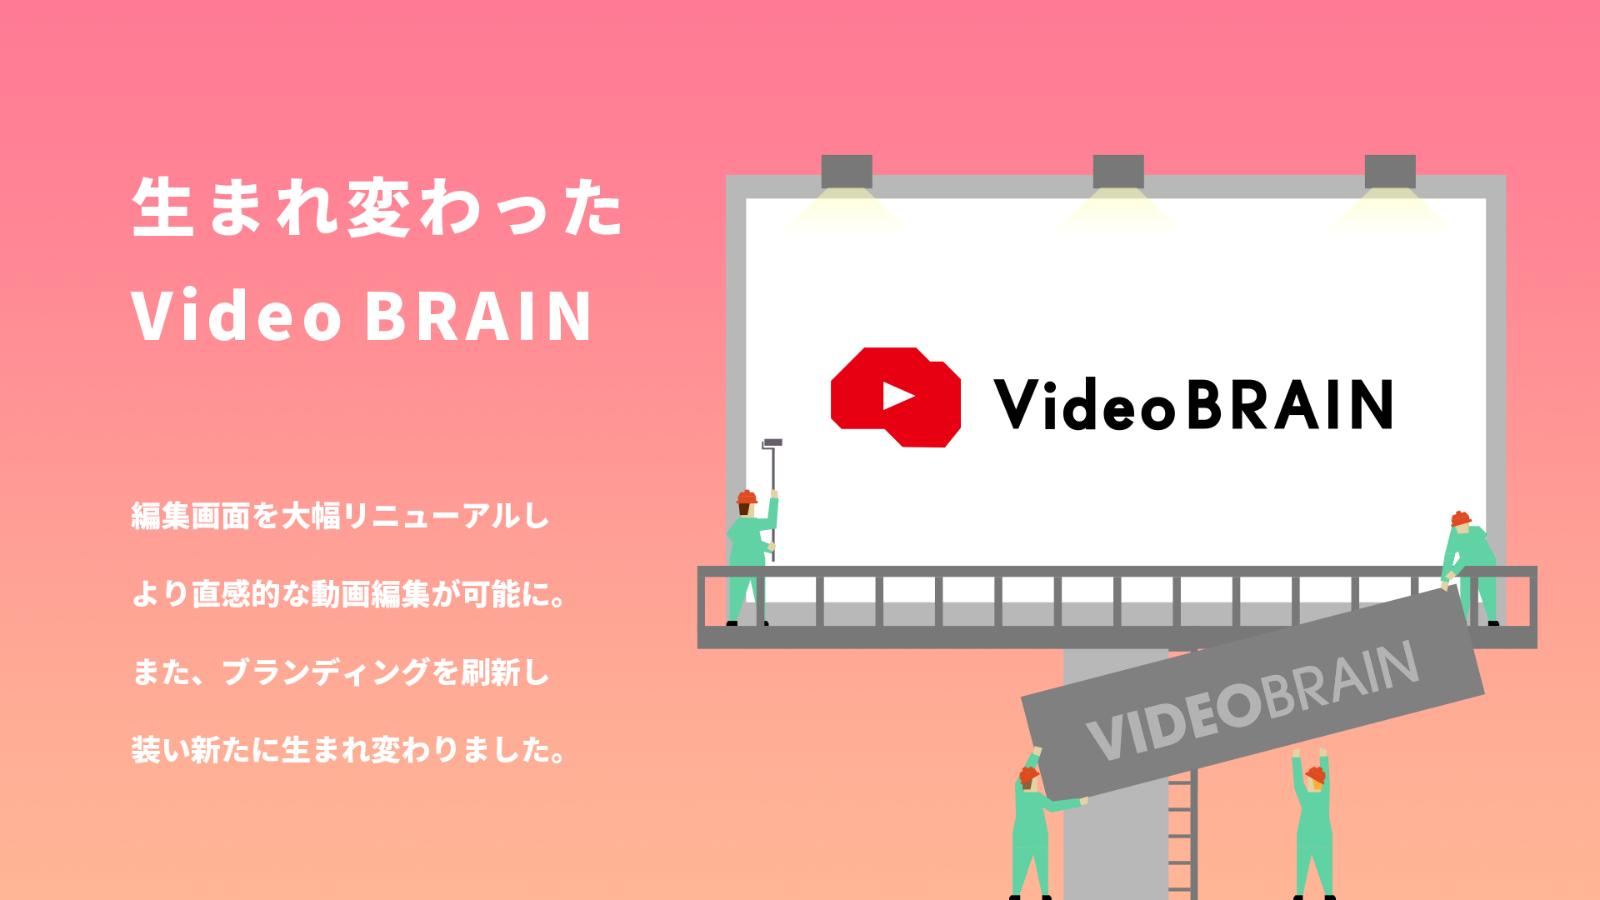 ビデオ ブレイン